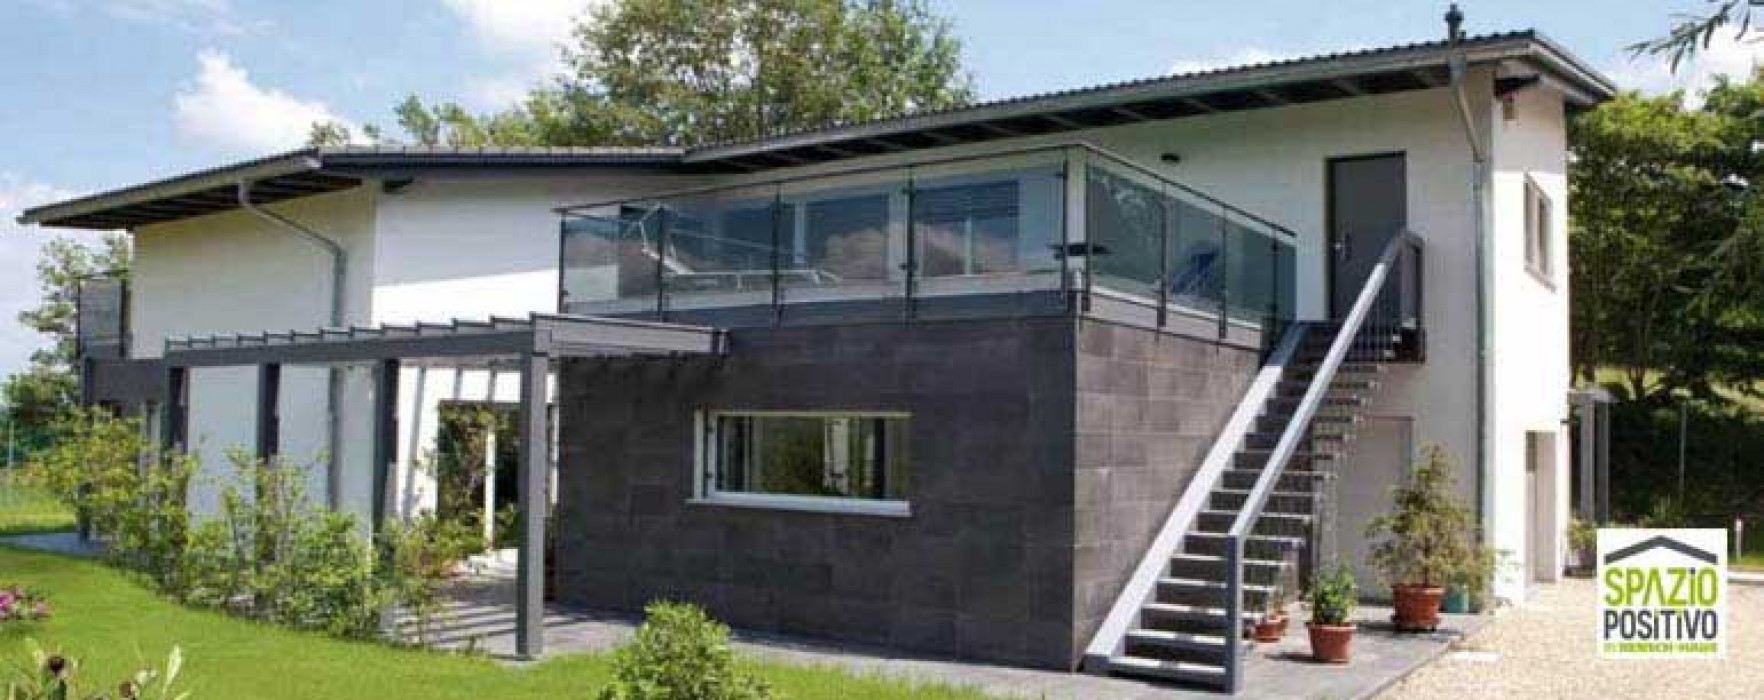 Costruire o ampliare con il prefabbricato tre e pi buoni motivi per scegliere il legno - Ampliare casa con struttura in legno ...